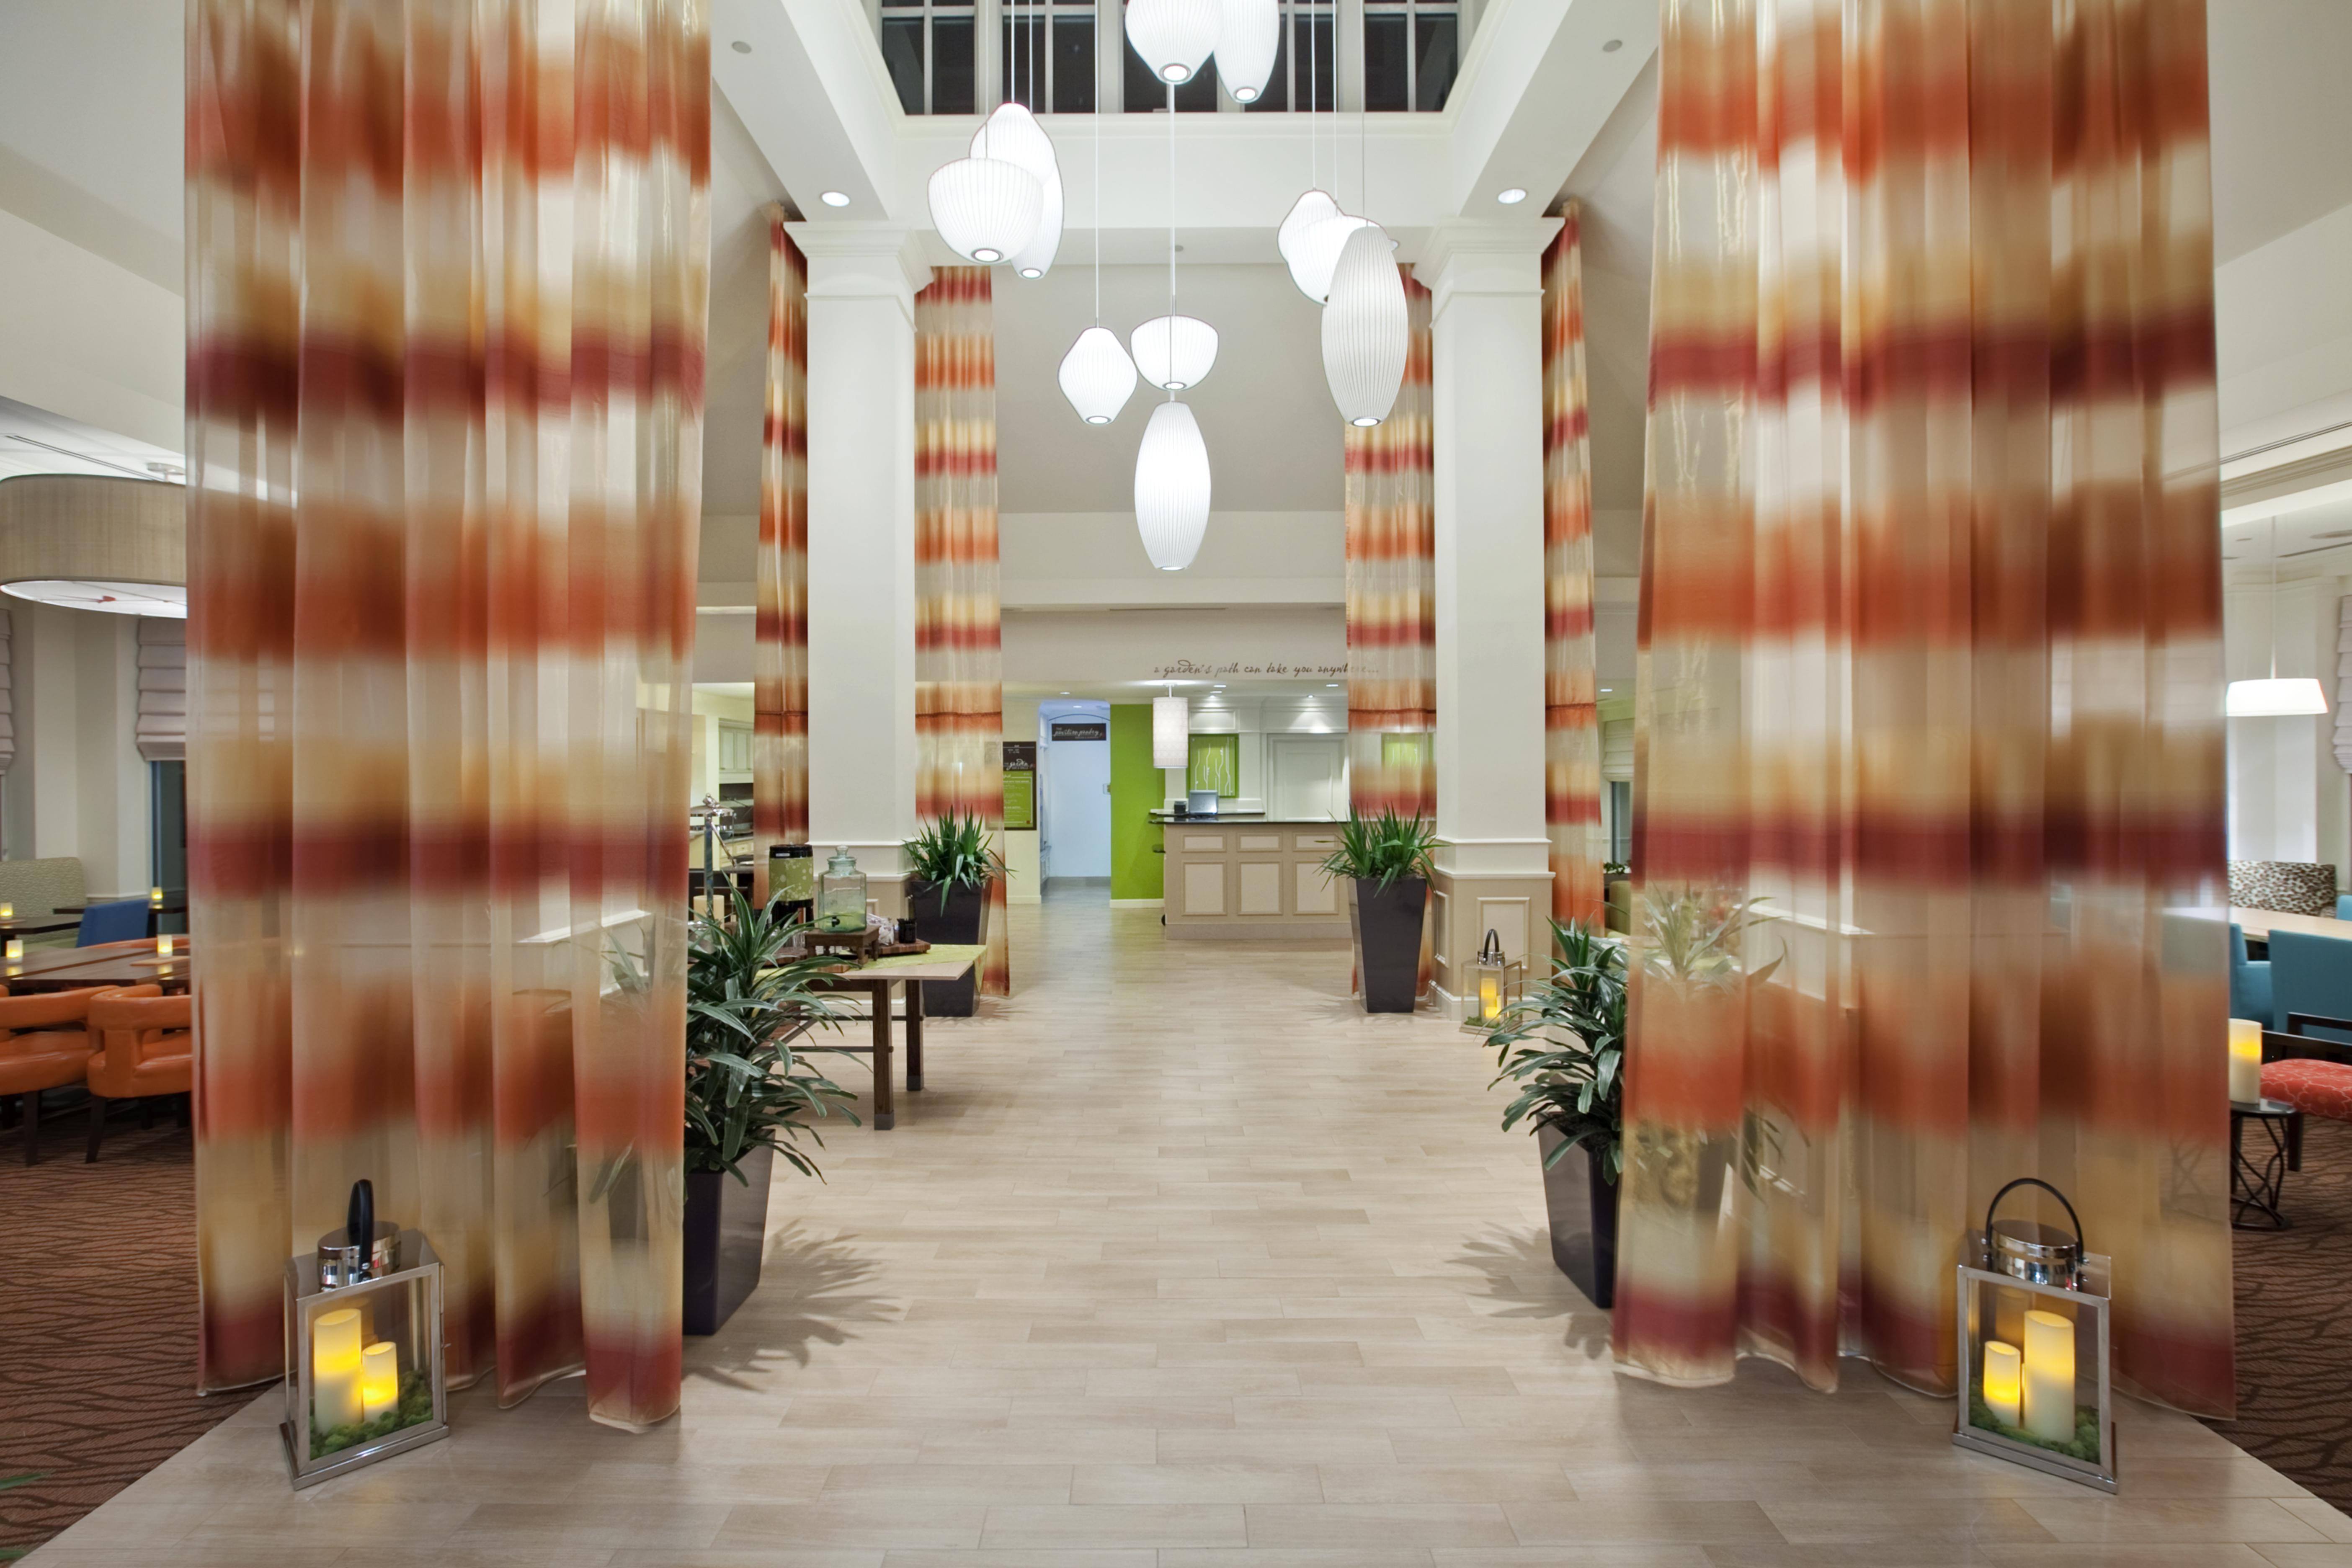 hilton garden inn - Hilton Garden Inn Bridgewater